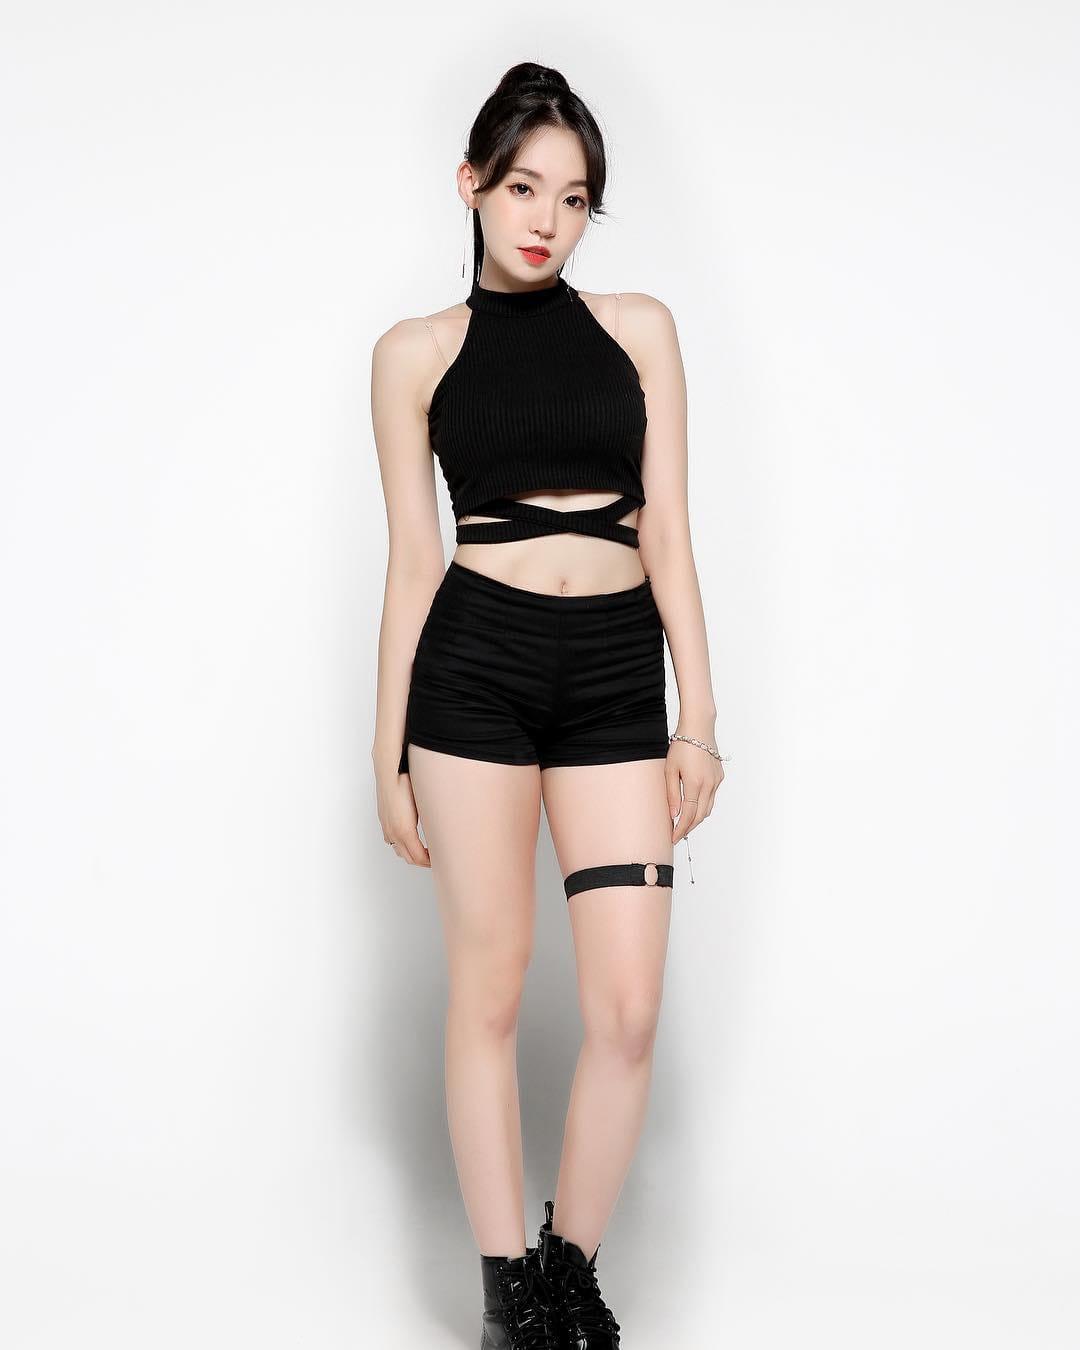 Park Eun Sol